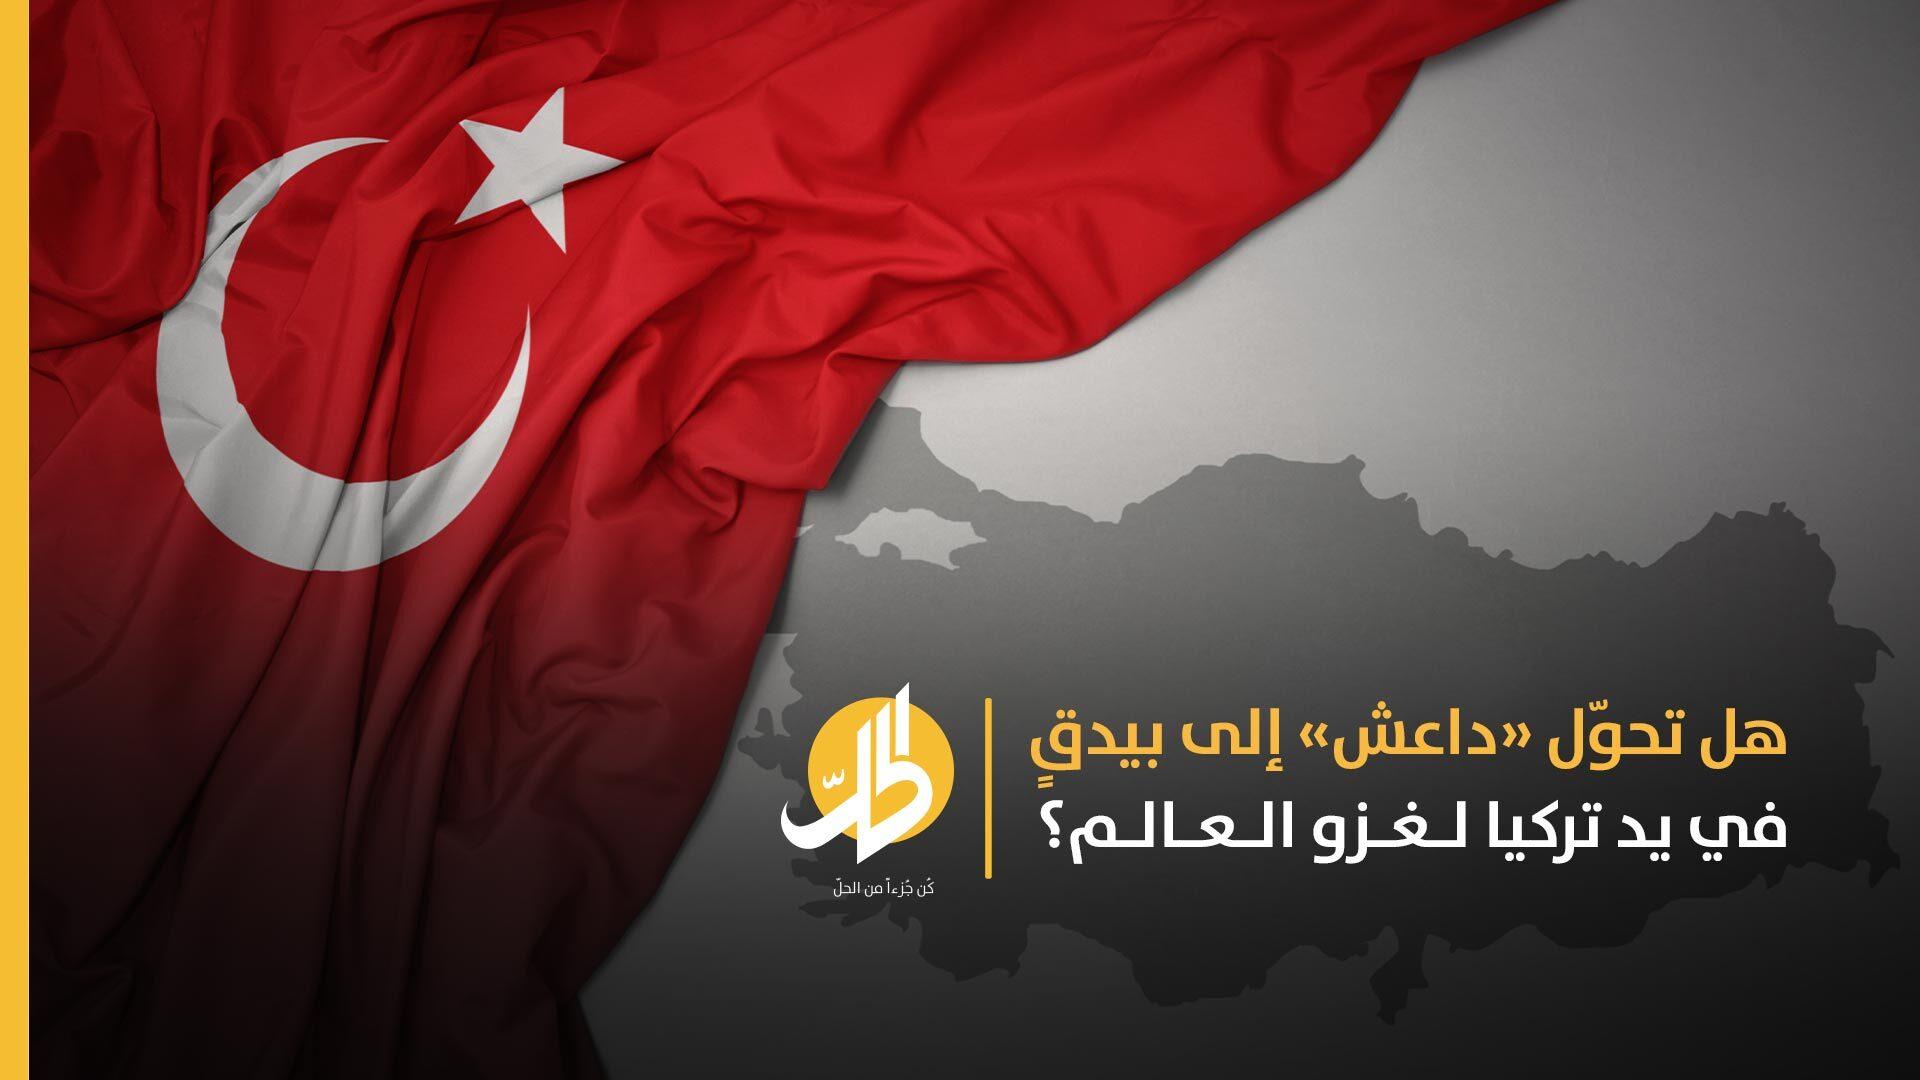 تركيا وأشباحُ «داعش».. علاقةٌ لإنعاش التَّنظيم وتنفيذ مخطّطات أنقرة في سوريا وتهديد باقي الدول